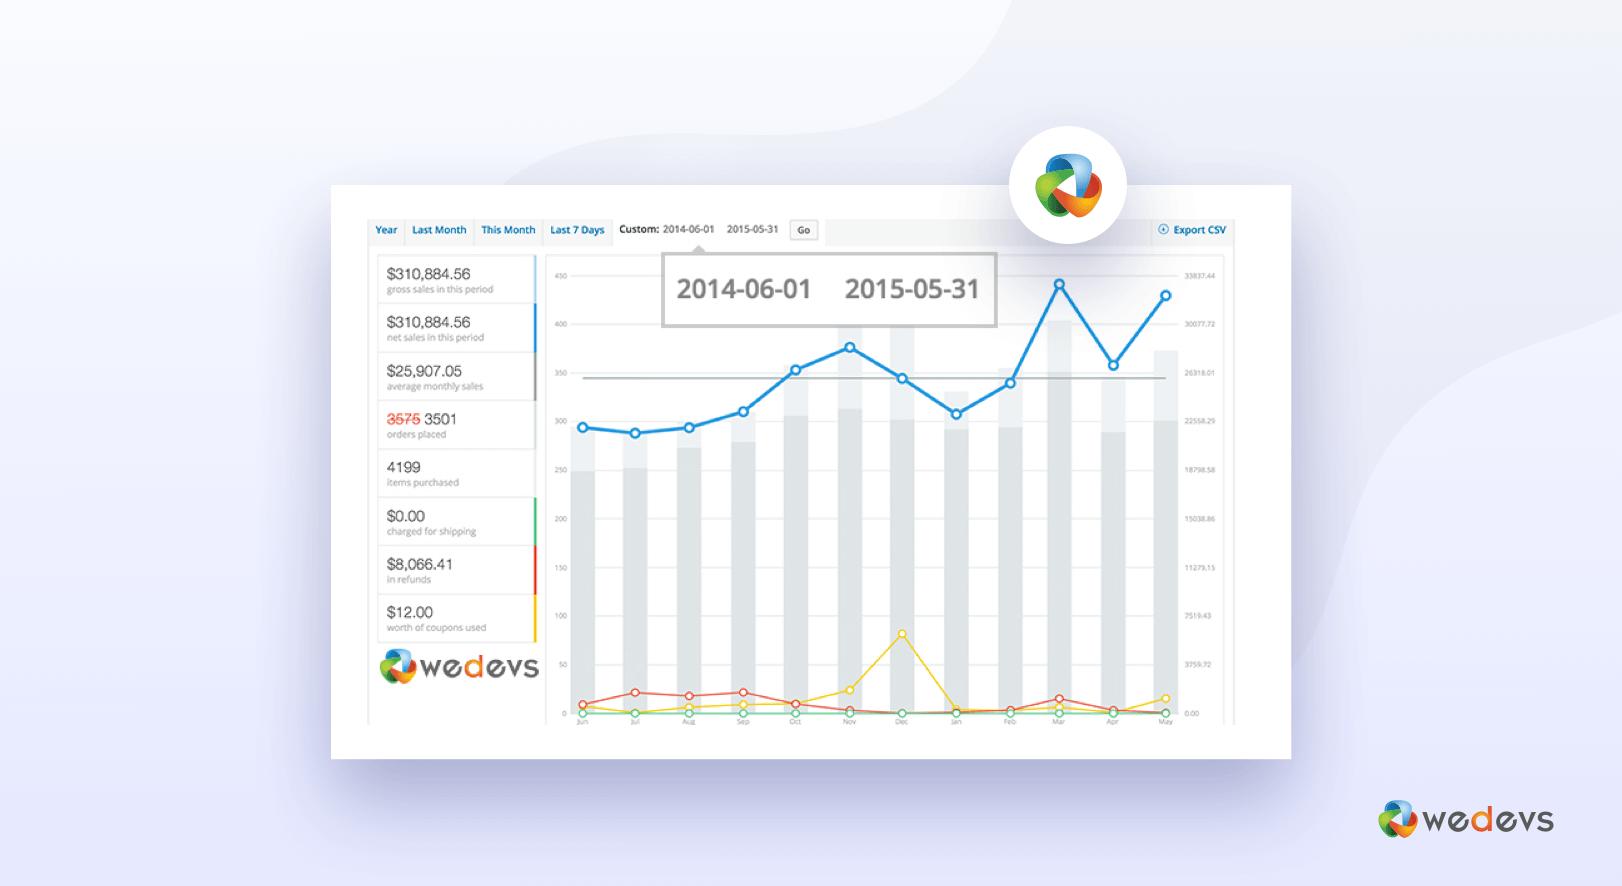 weDevs Yearly Sales Crossed $300,000 Mark